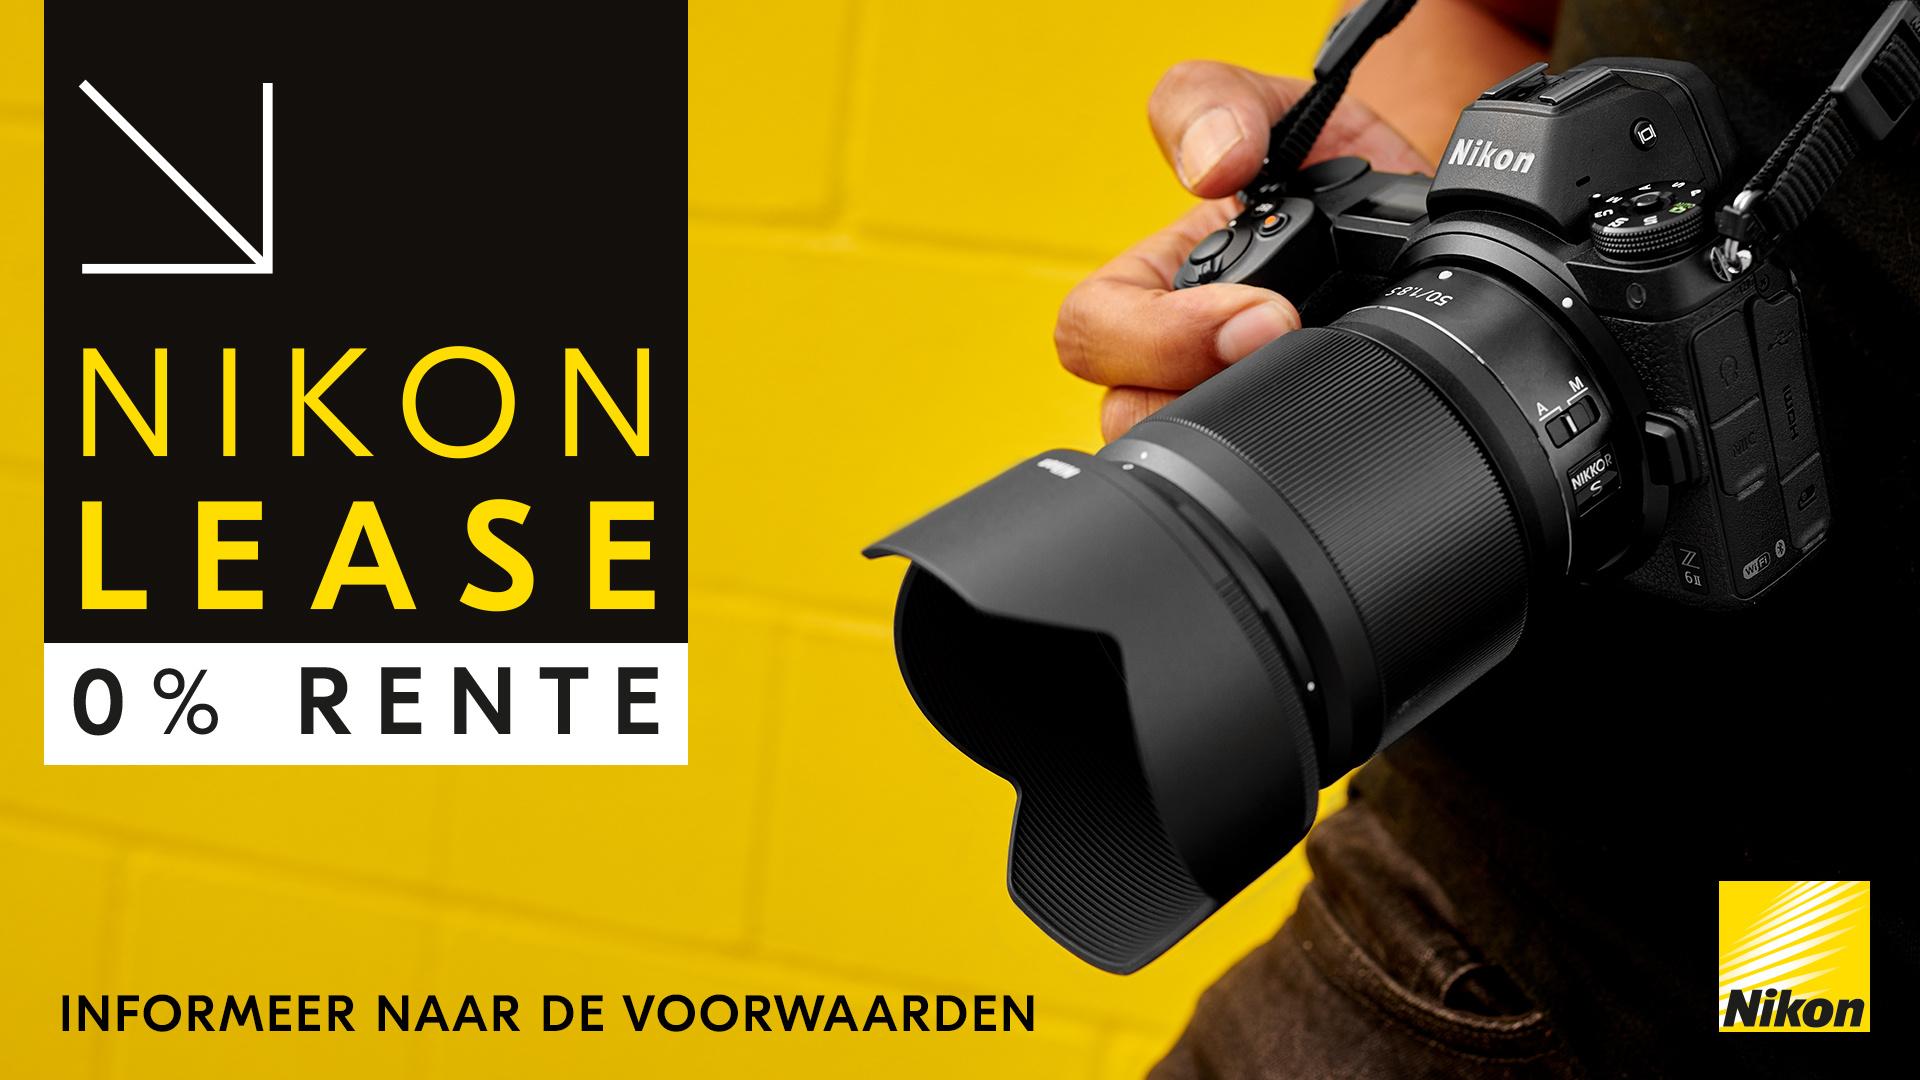 Nikon Lease